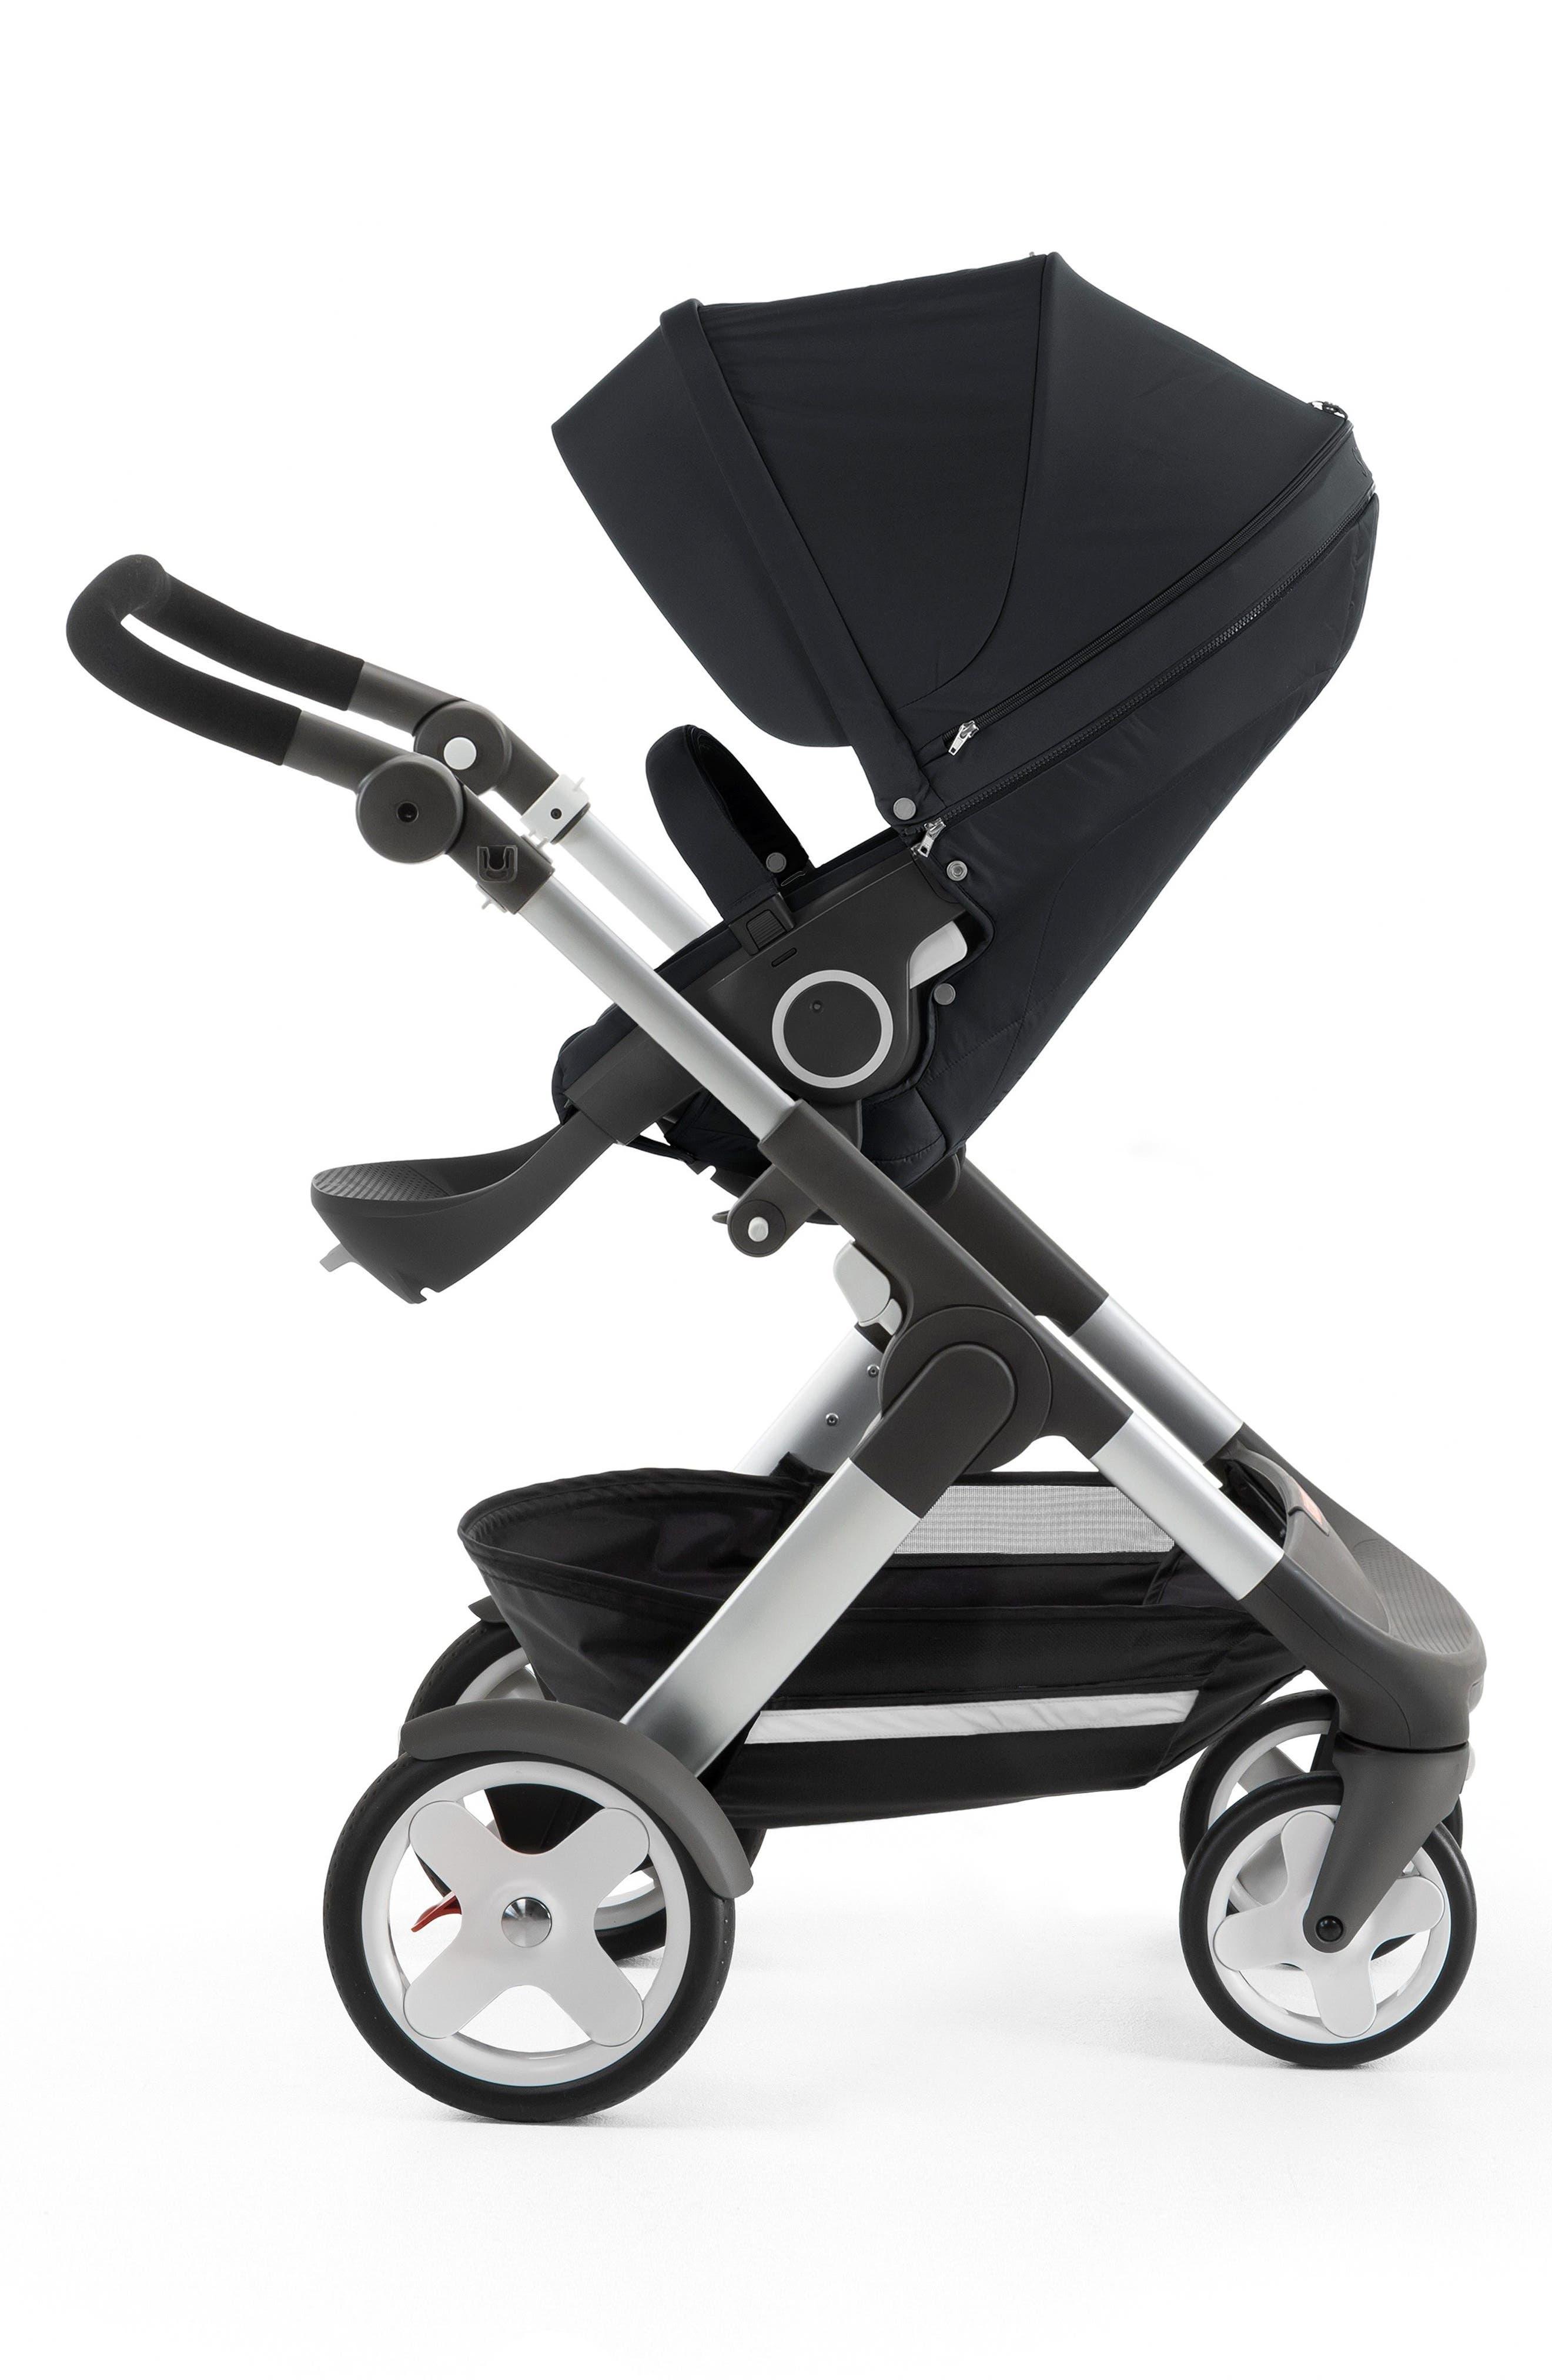 Alternate Image 1 Selected - Stokke Trailz™ Classic Stroller